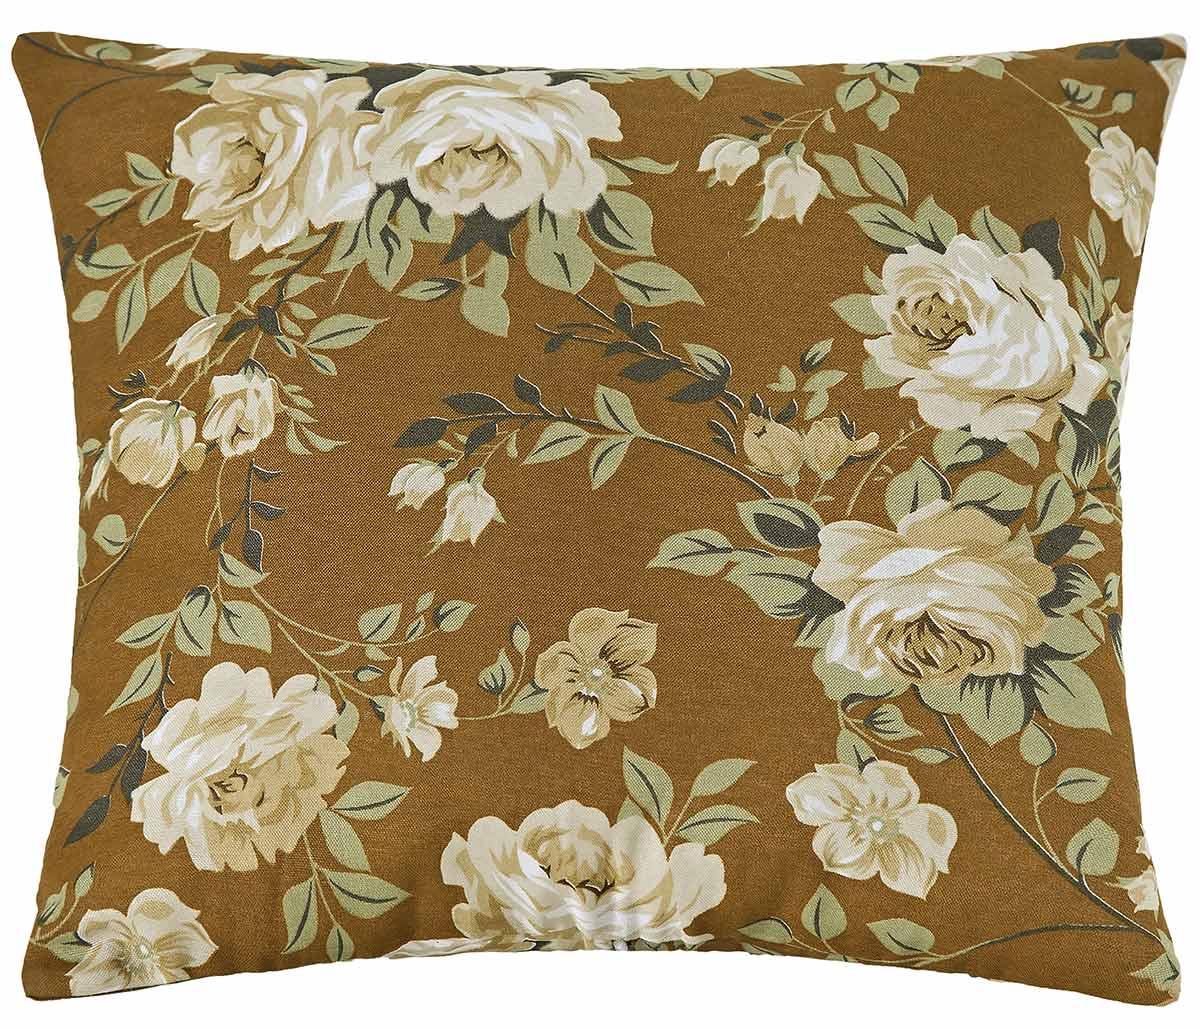 Almofadas Avulsa 40cm x 40cm  Floral Estampado com 1 peças